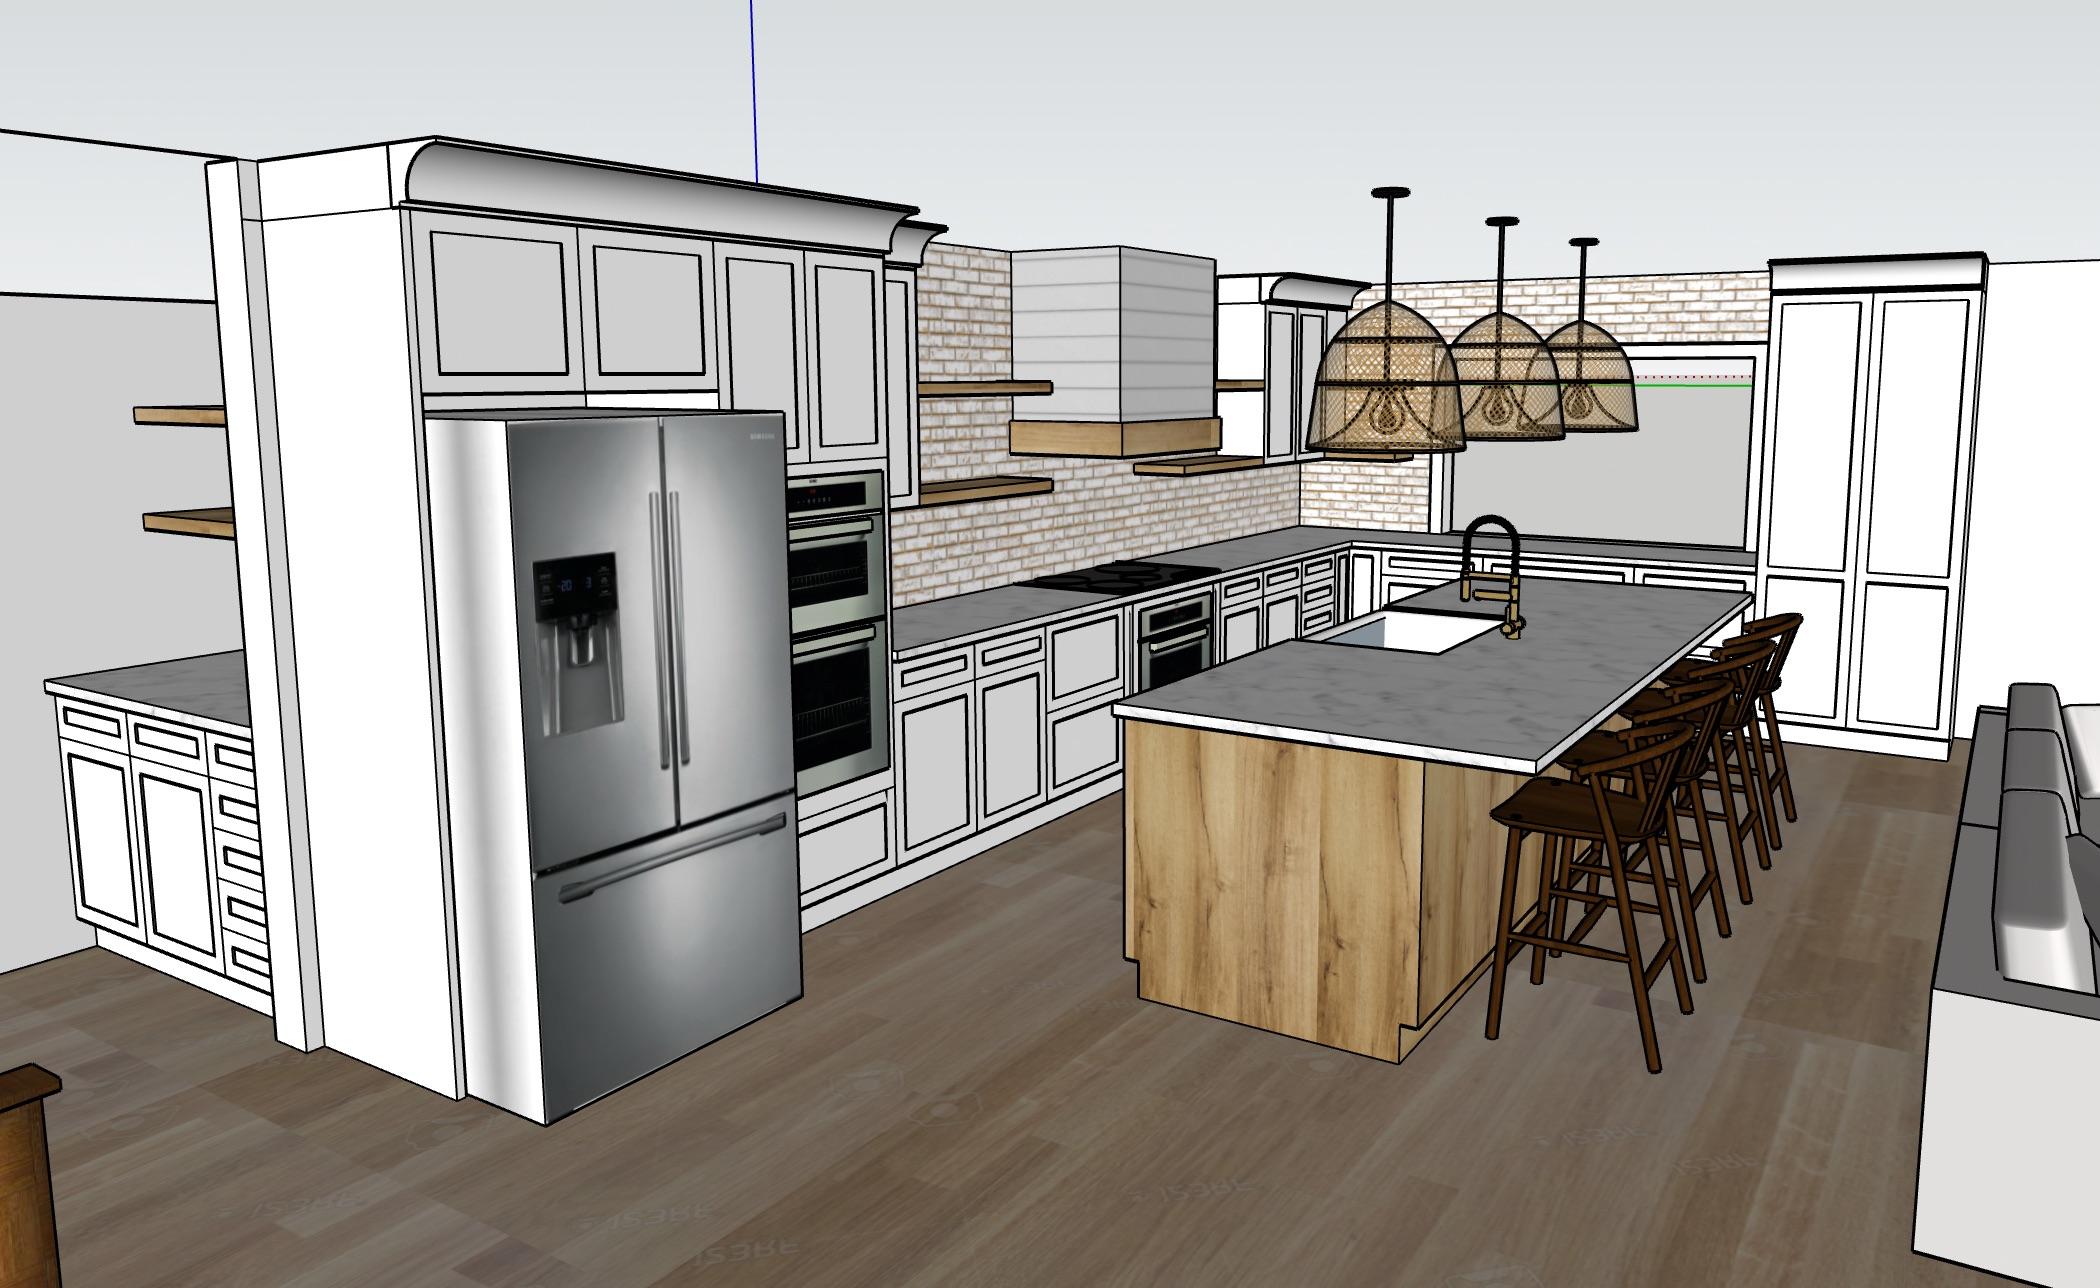 Kitchen Remodel Sketch Up Rendering